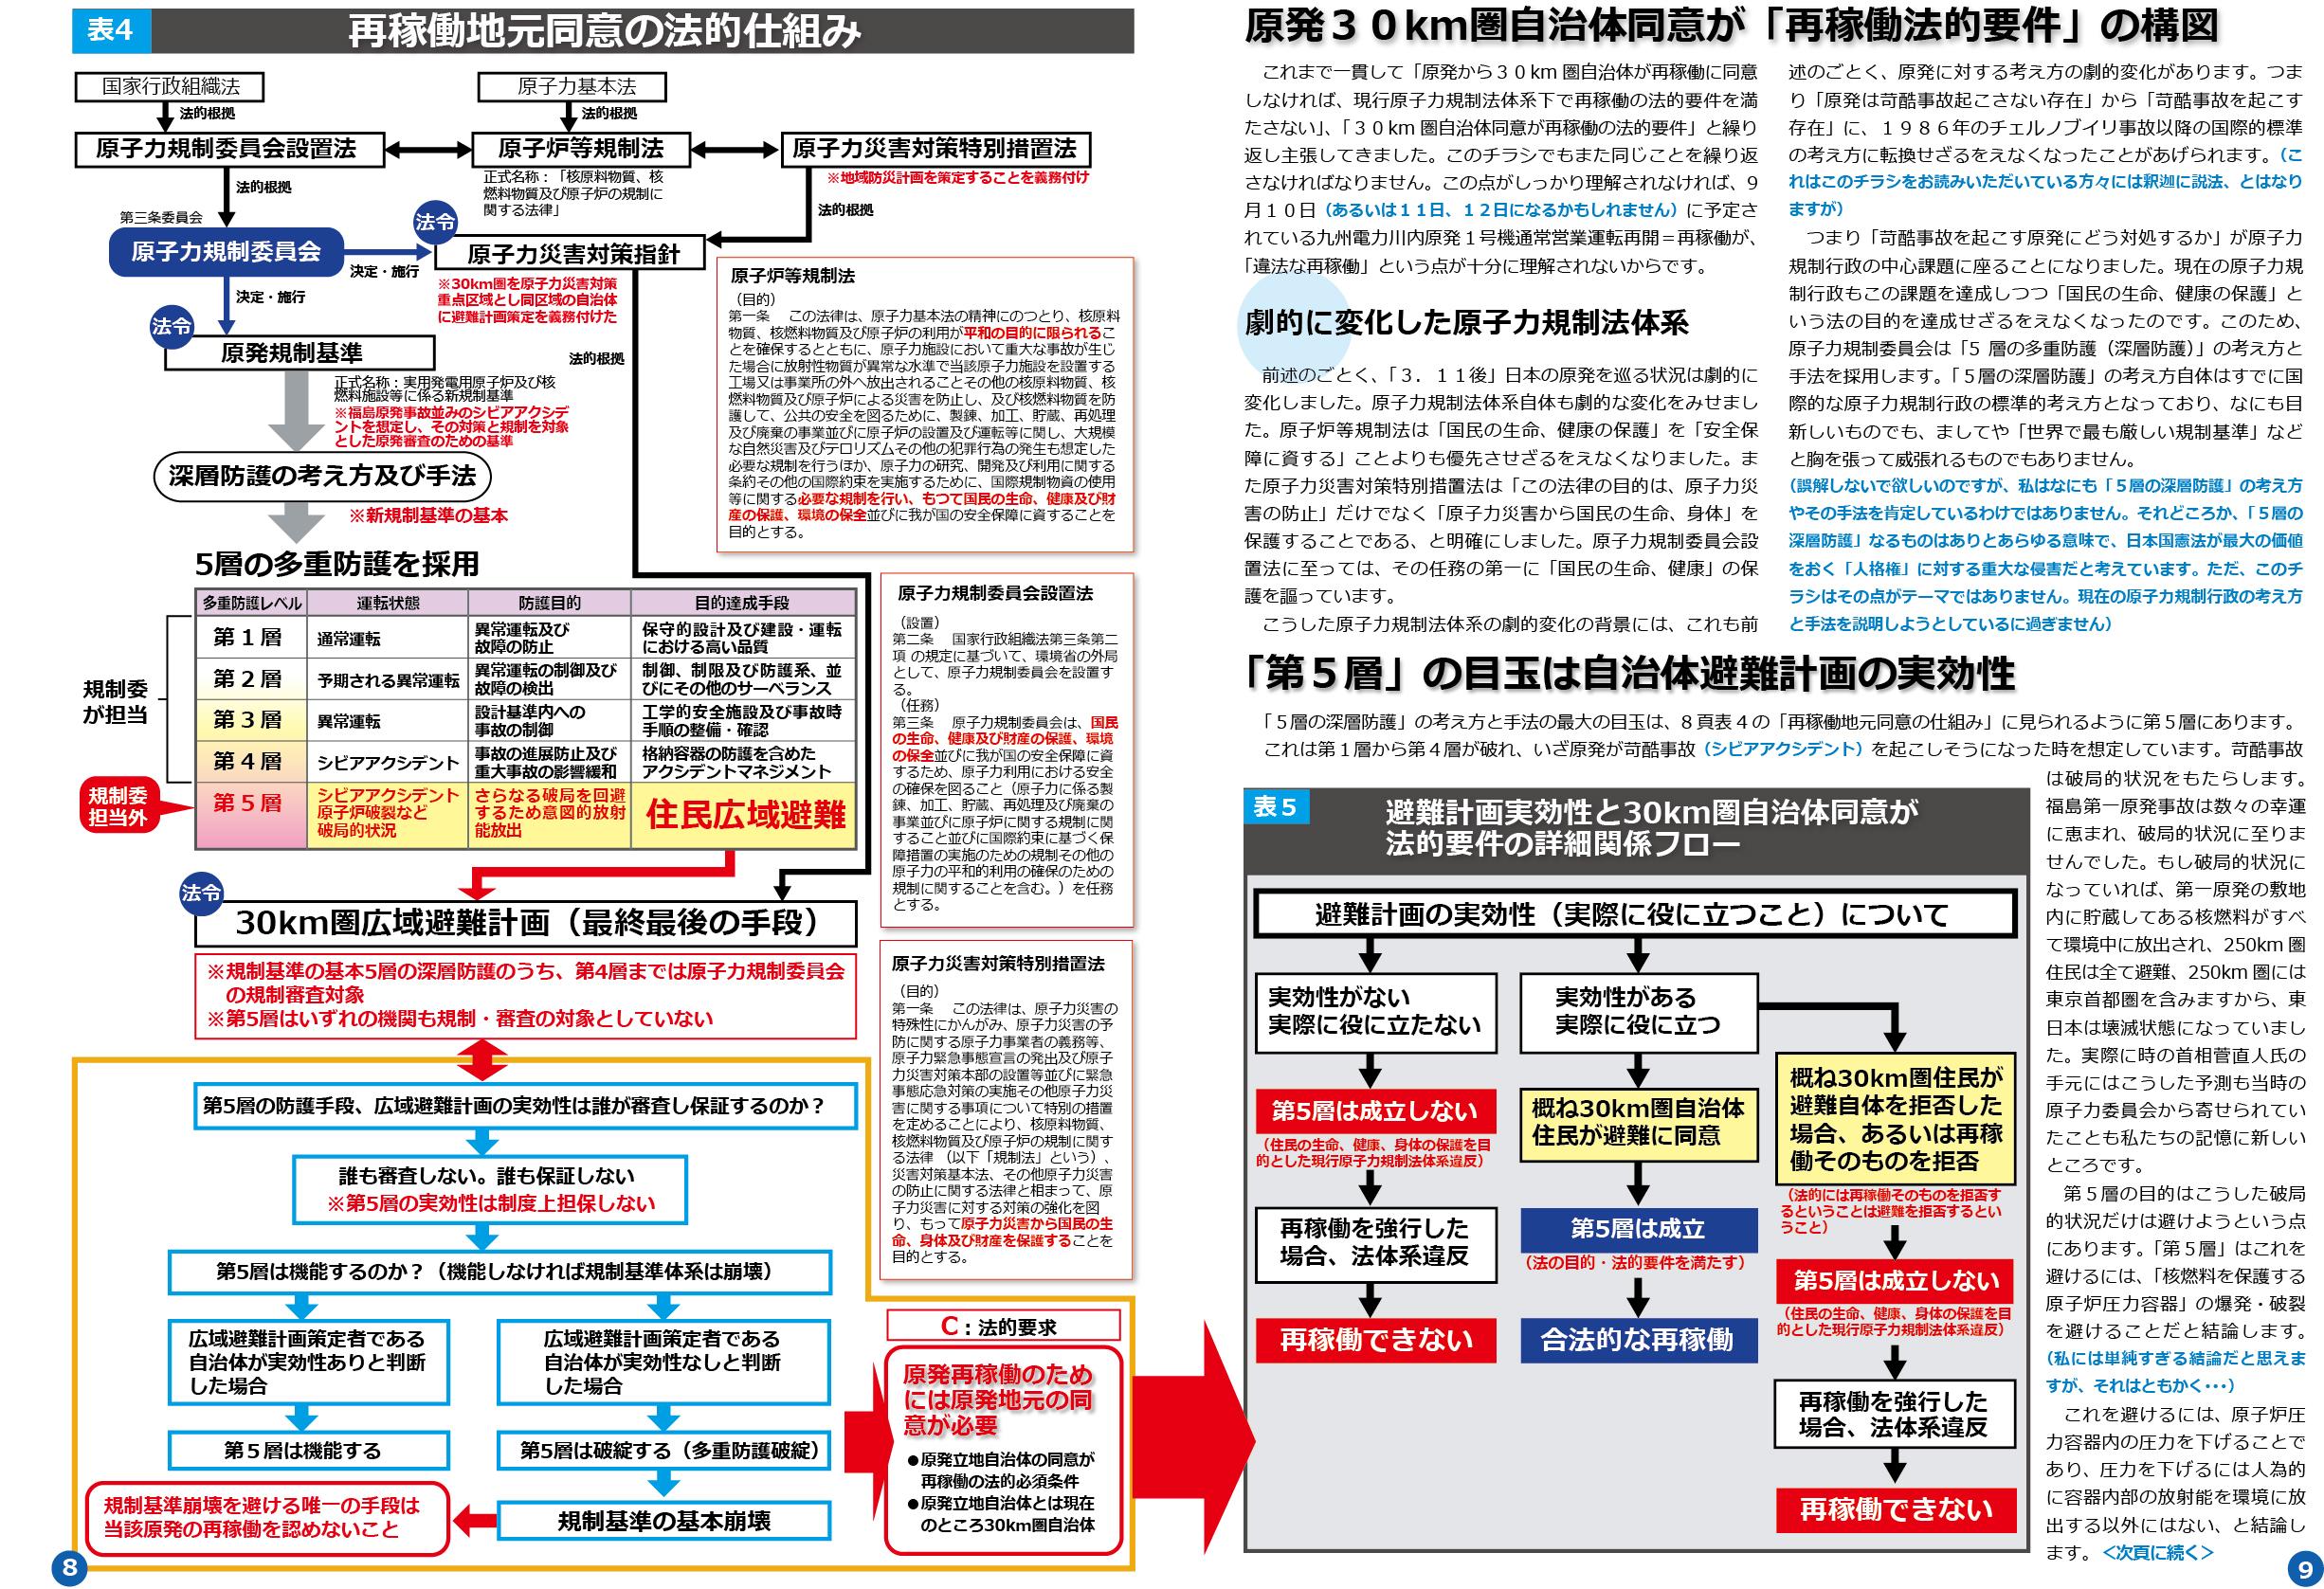 ファイル 443-5.jpg